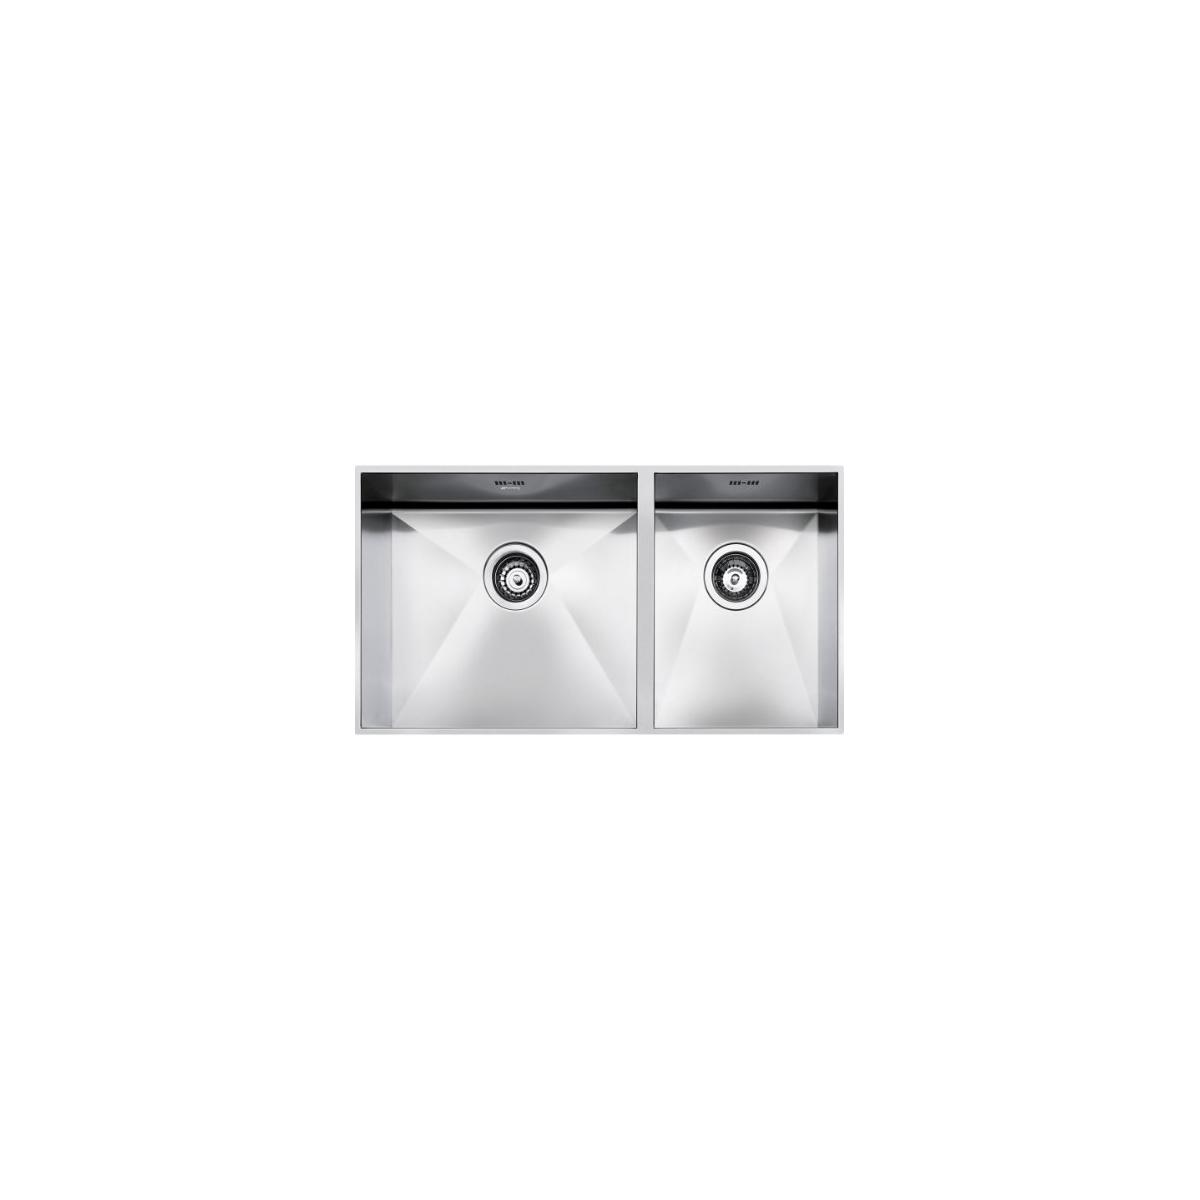 smeg vstq4530 eviers direct evier. Black Bedroom Furniture Sets. Home Design Ideas